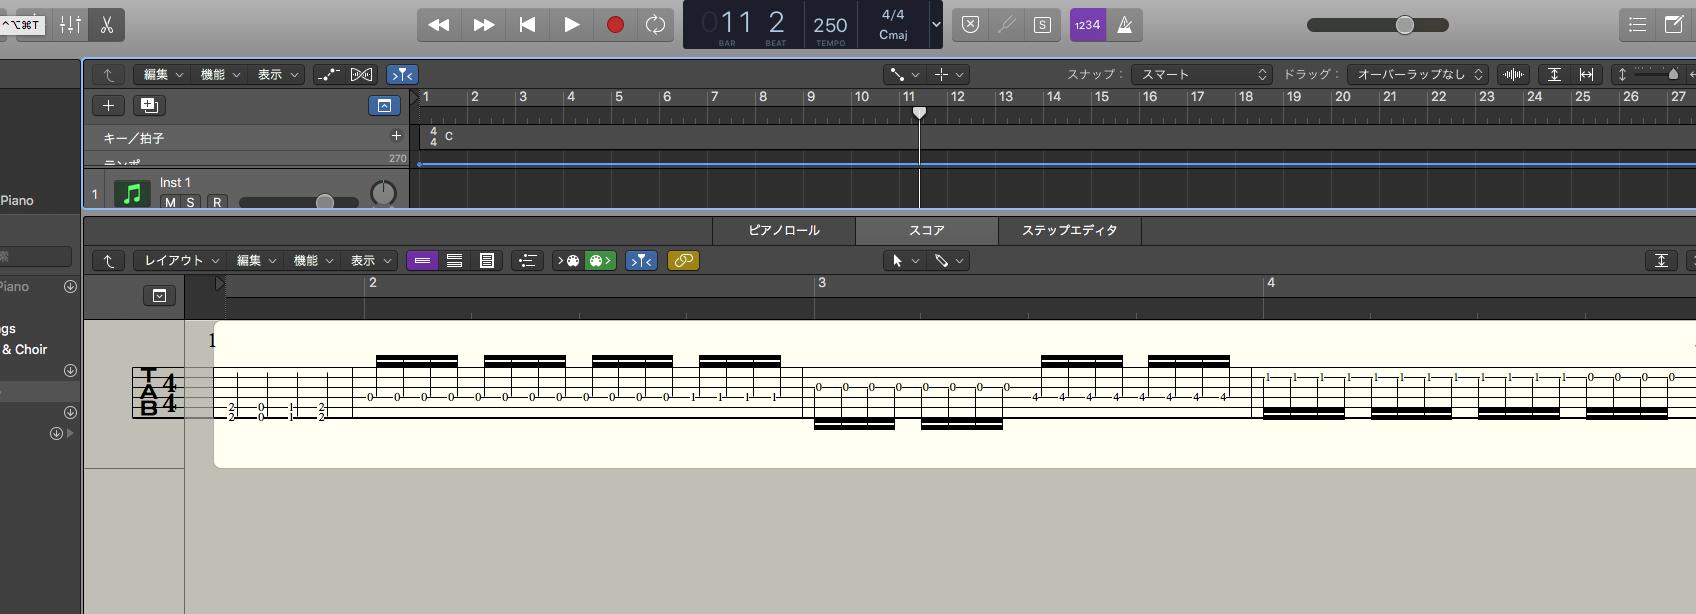 【Logic Pro X】TAB譜を表示する方法・ベース、7弦、変則チューニング対応